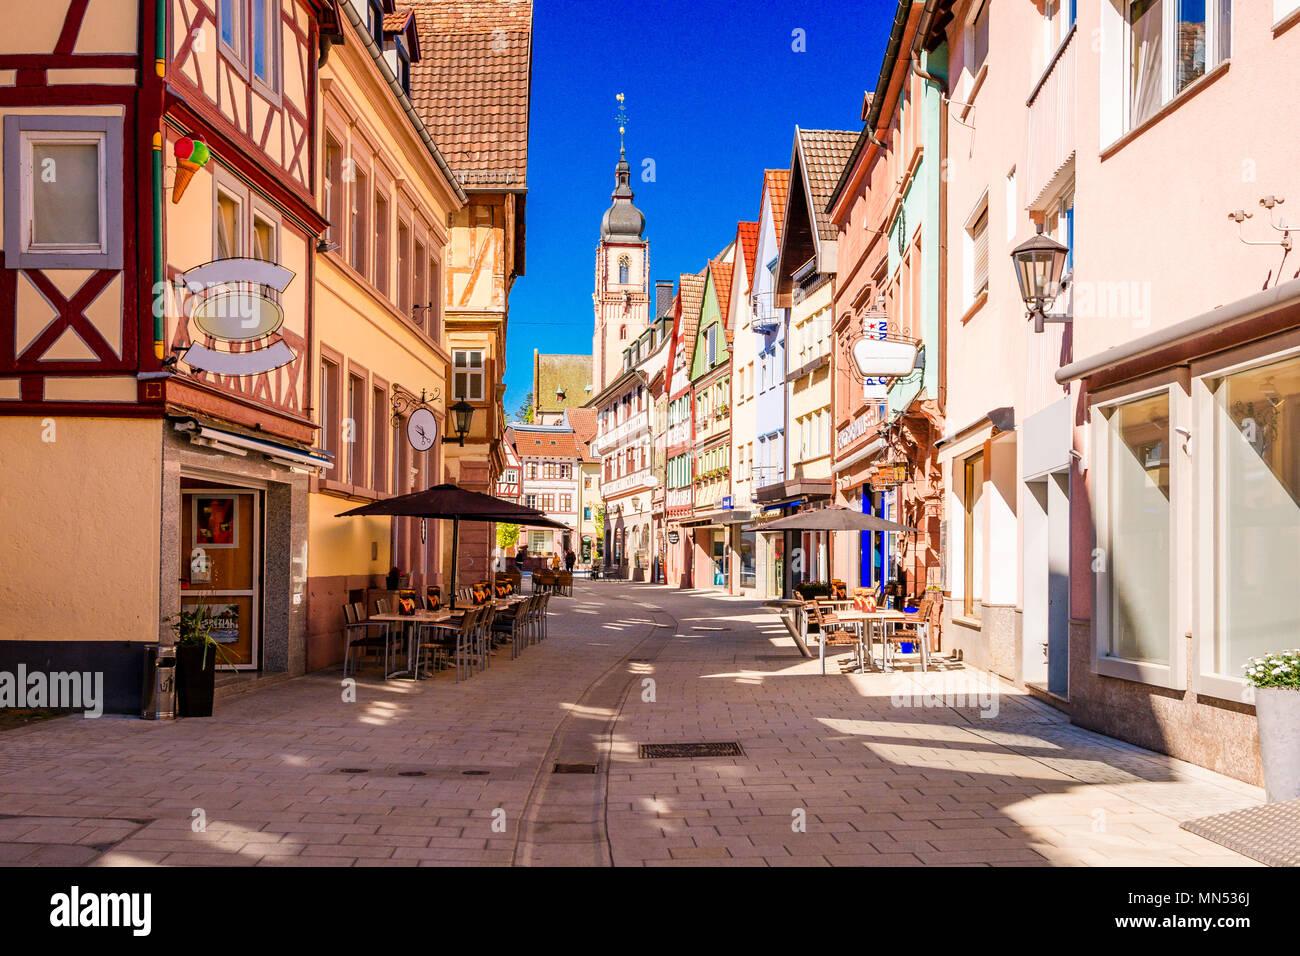 Hermosa vista panorámica de la ciudad vieja de Tauberbischofsheim - parte de la Ruta Romántica, Baviera, Alemania Imagen De Stock